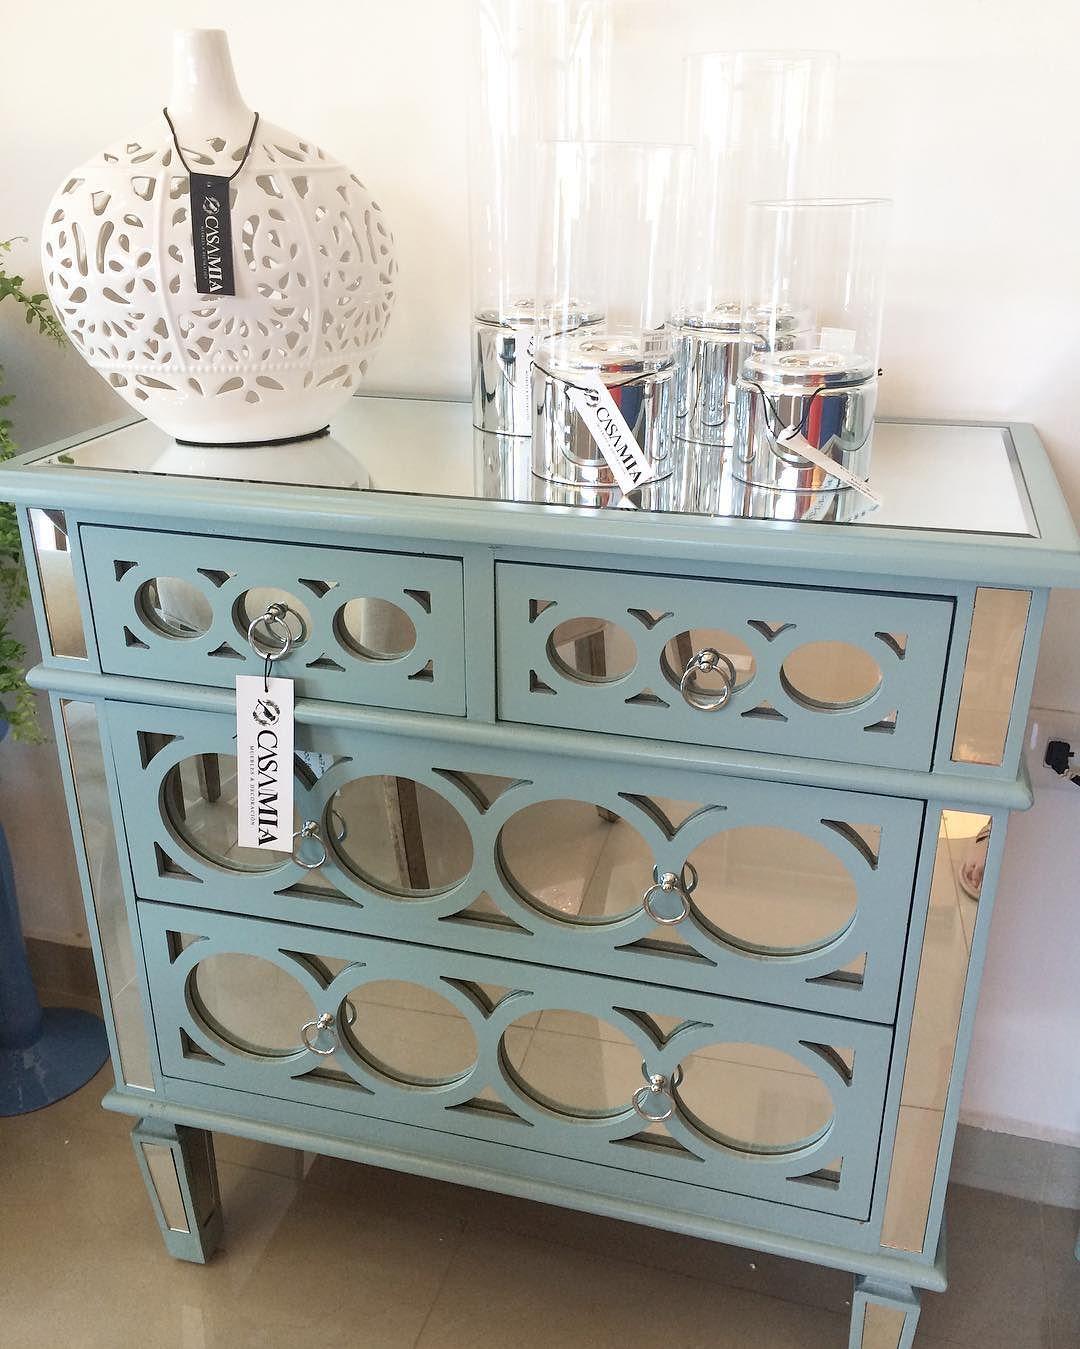 Accesorios que te ayudan a decorar tu hogar 28 Accesorios para decorar interiores